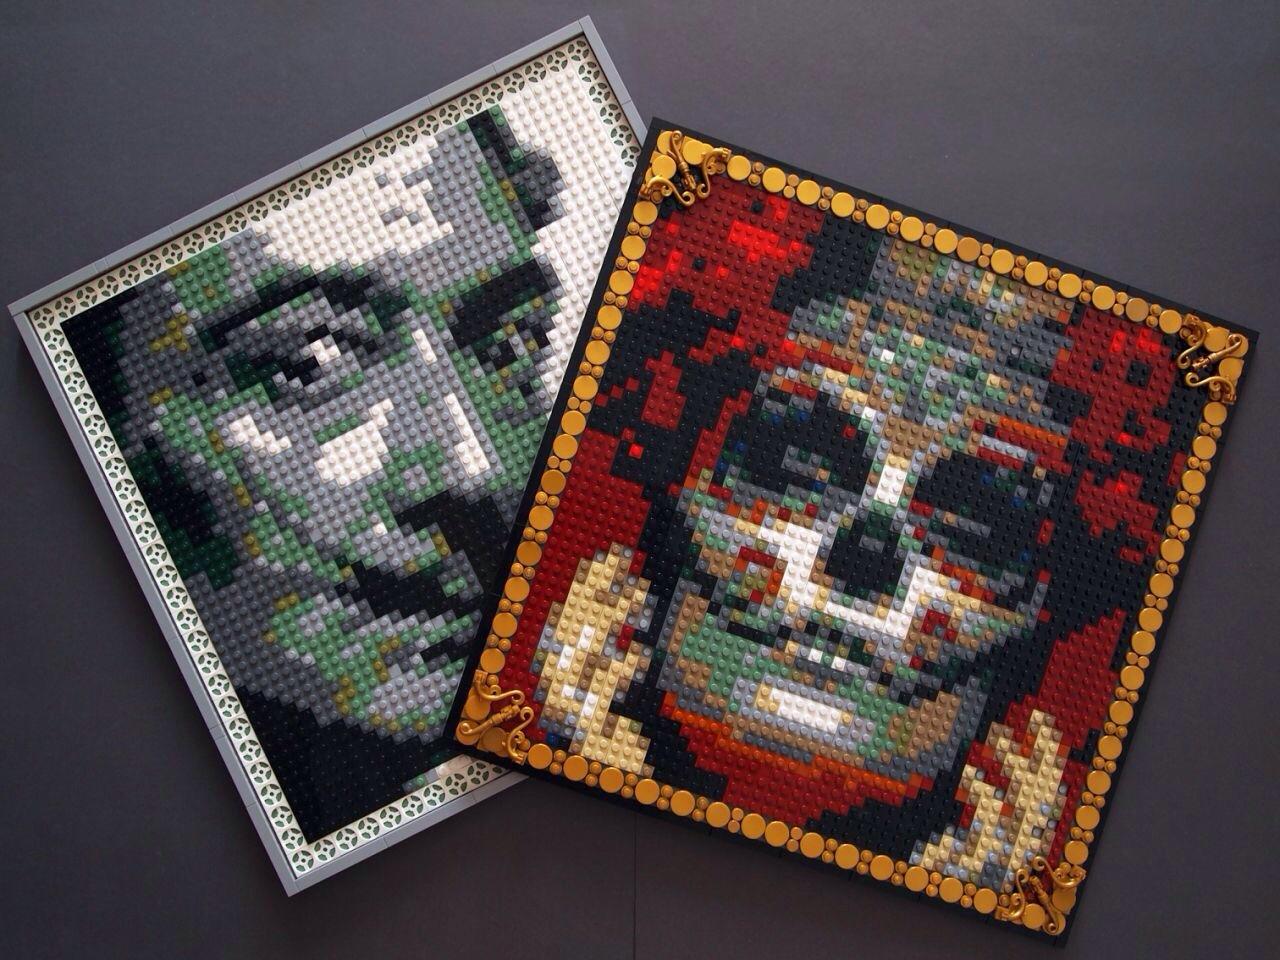 mosaic lego moc